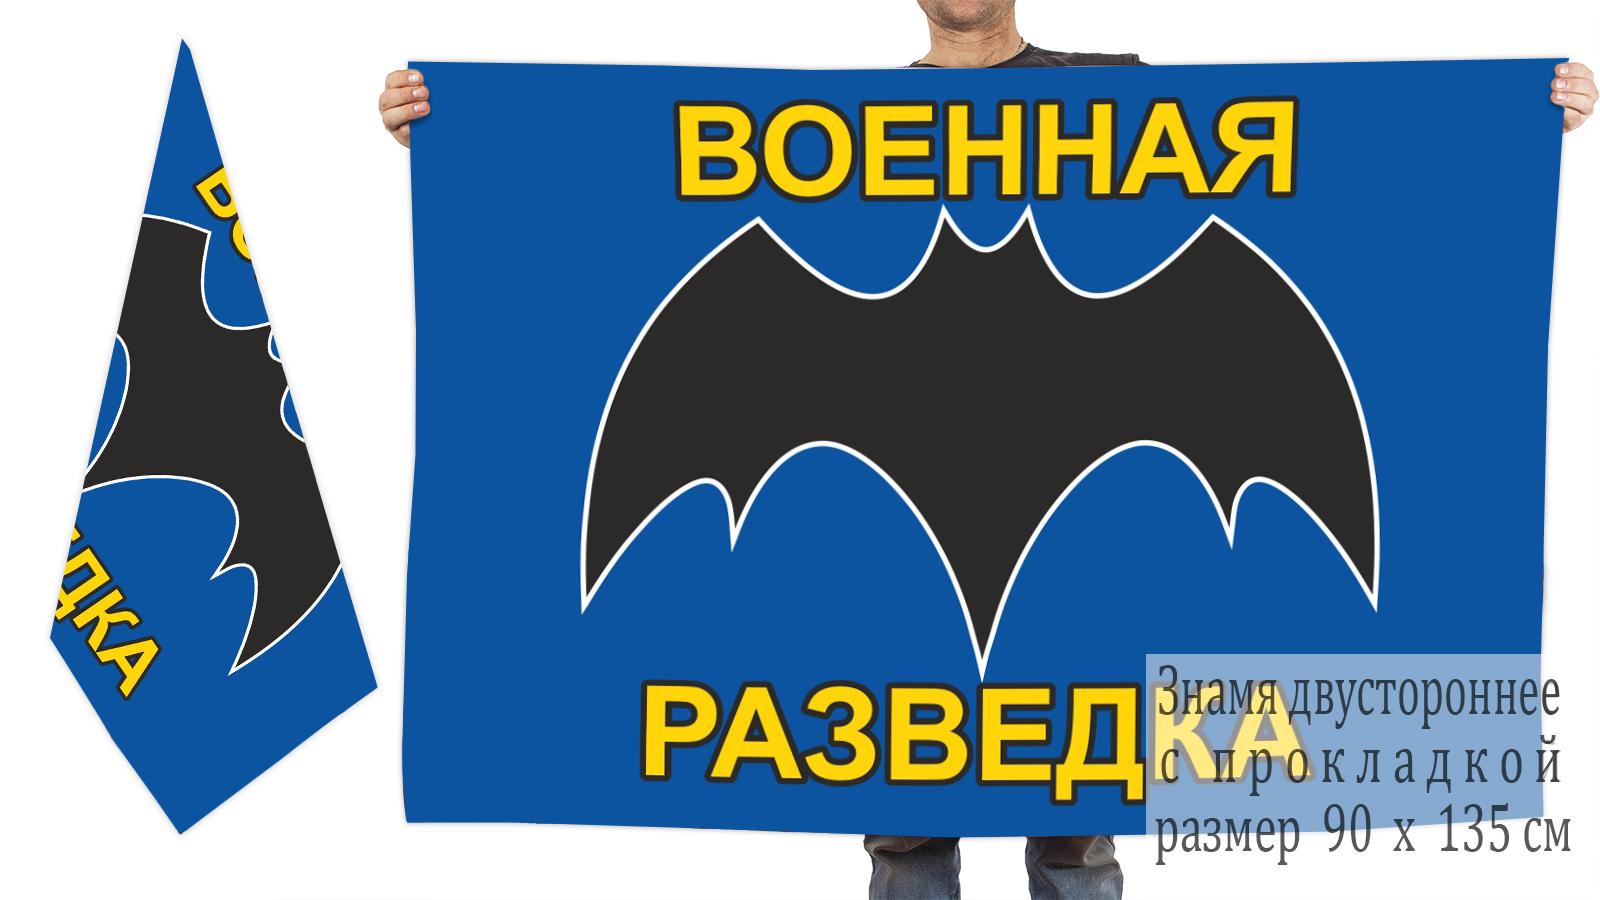 Двусторонний флаг военной разведки с летучей мышью